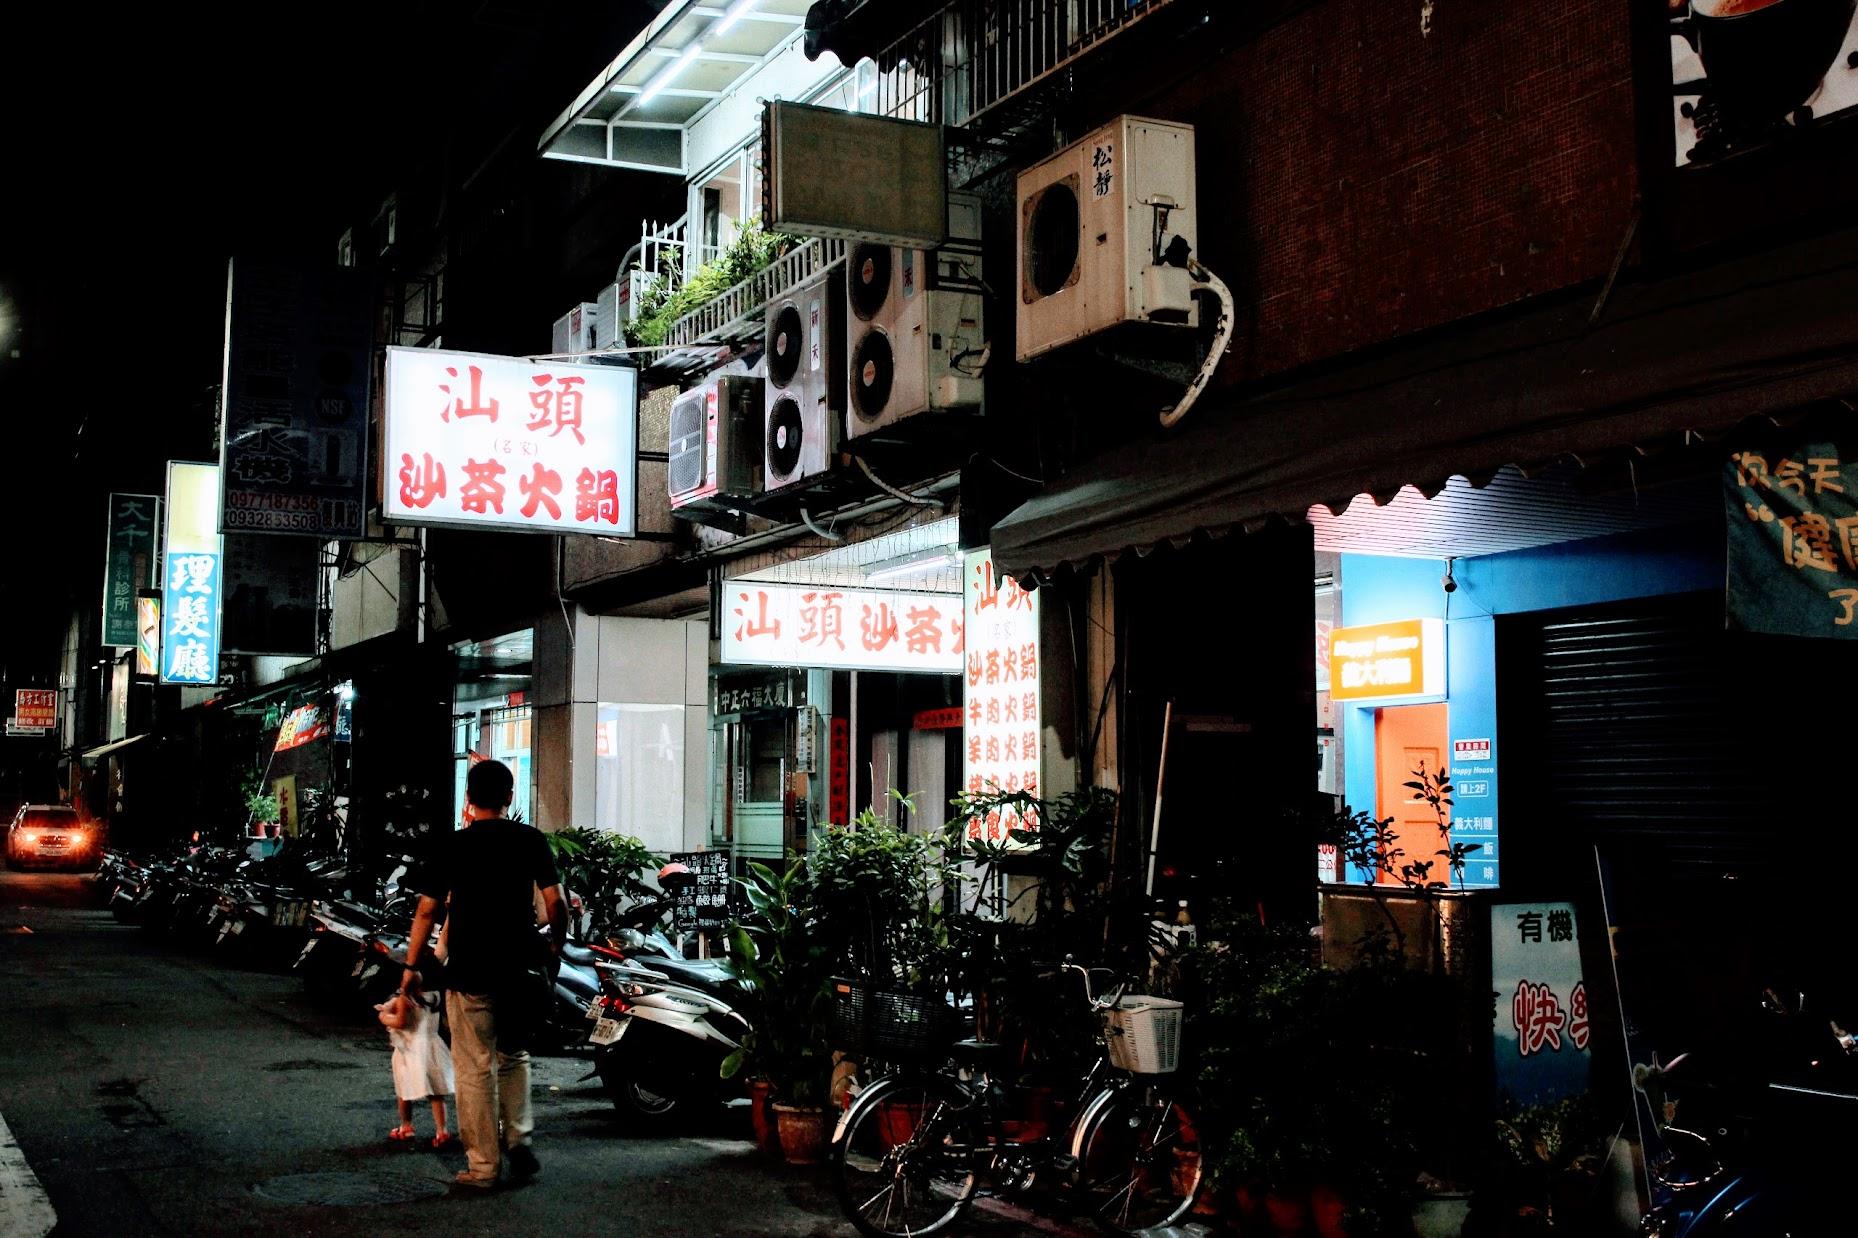 在渤海街上,就是高雄商旅隔壁的巷子內,離捷運信義國小站很近